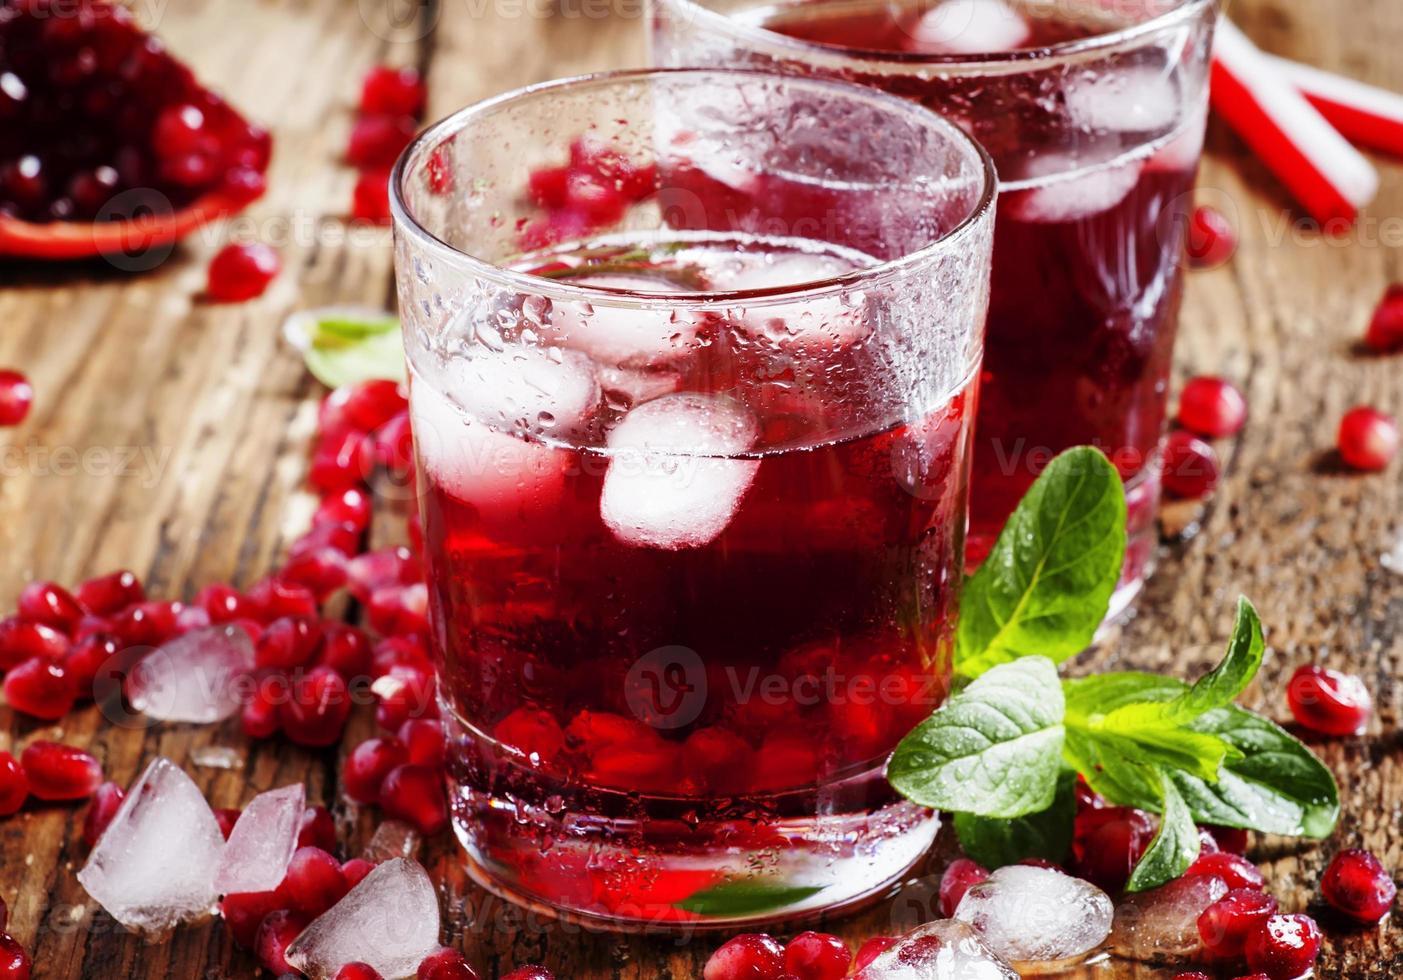 cocktail di succo rosso fresco con semi di melograno, menta e ghiaccio foto